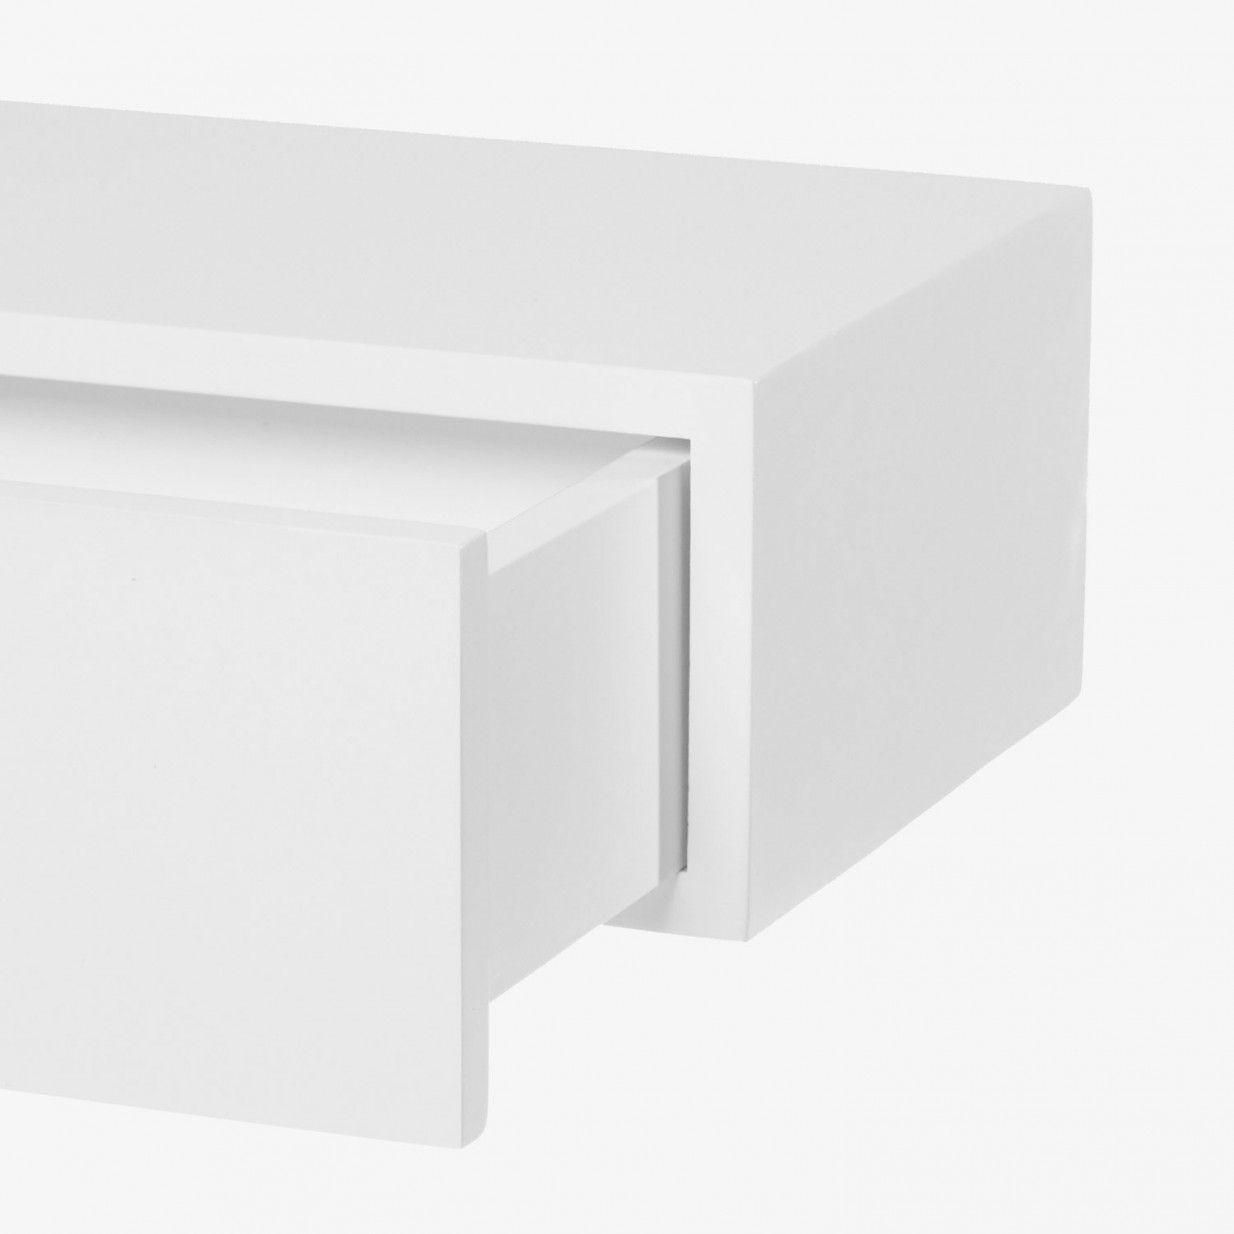 Schubladen Regal Weiss Furniteam Design Decor